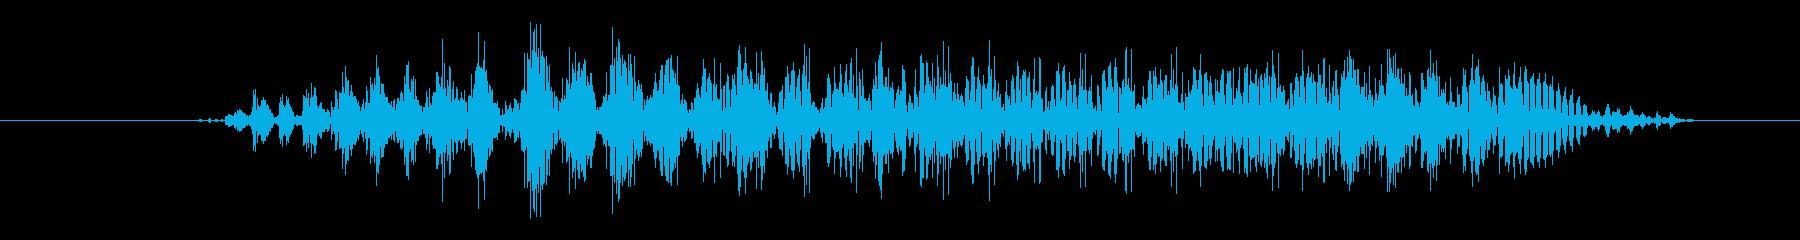 ゴブリン スクリームショートペイン02の再生済みの波形